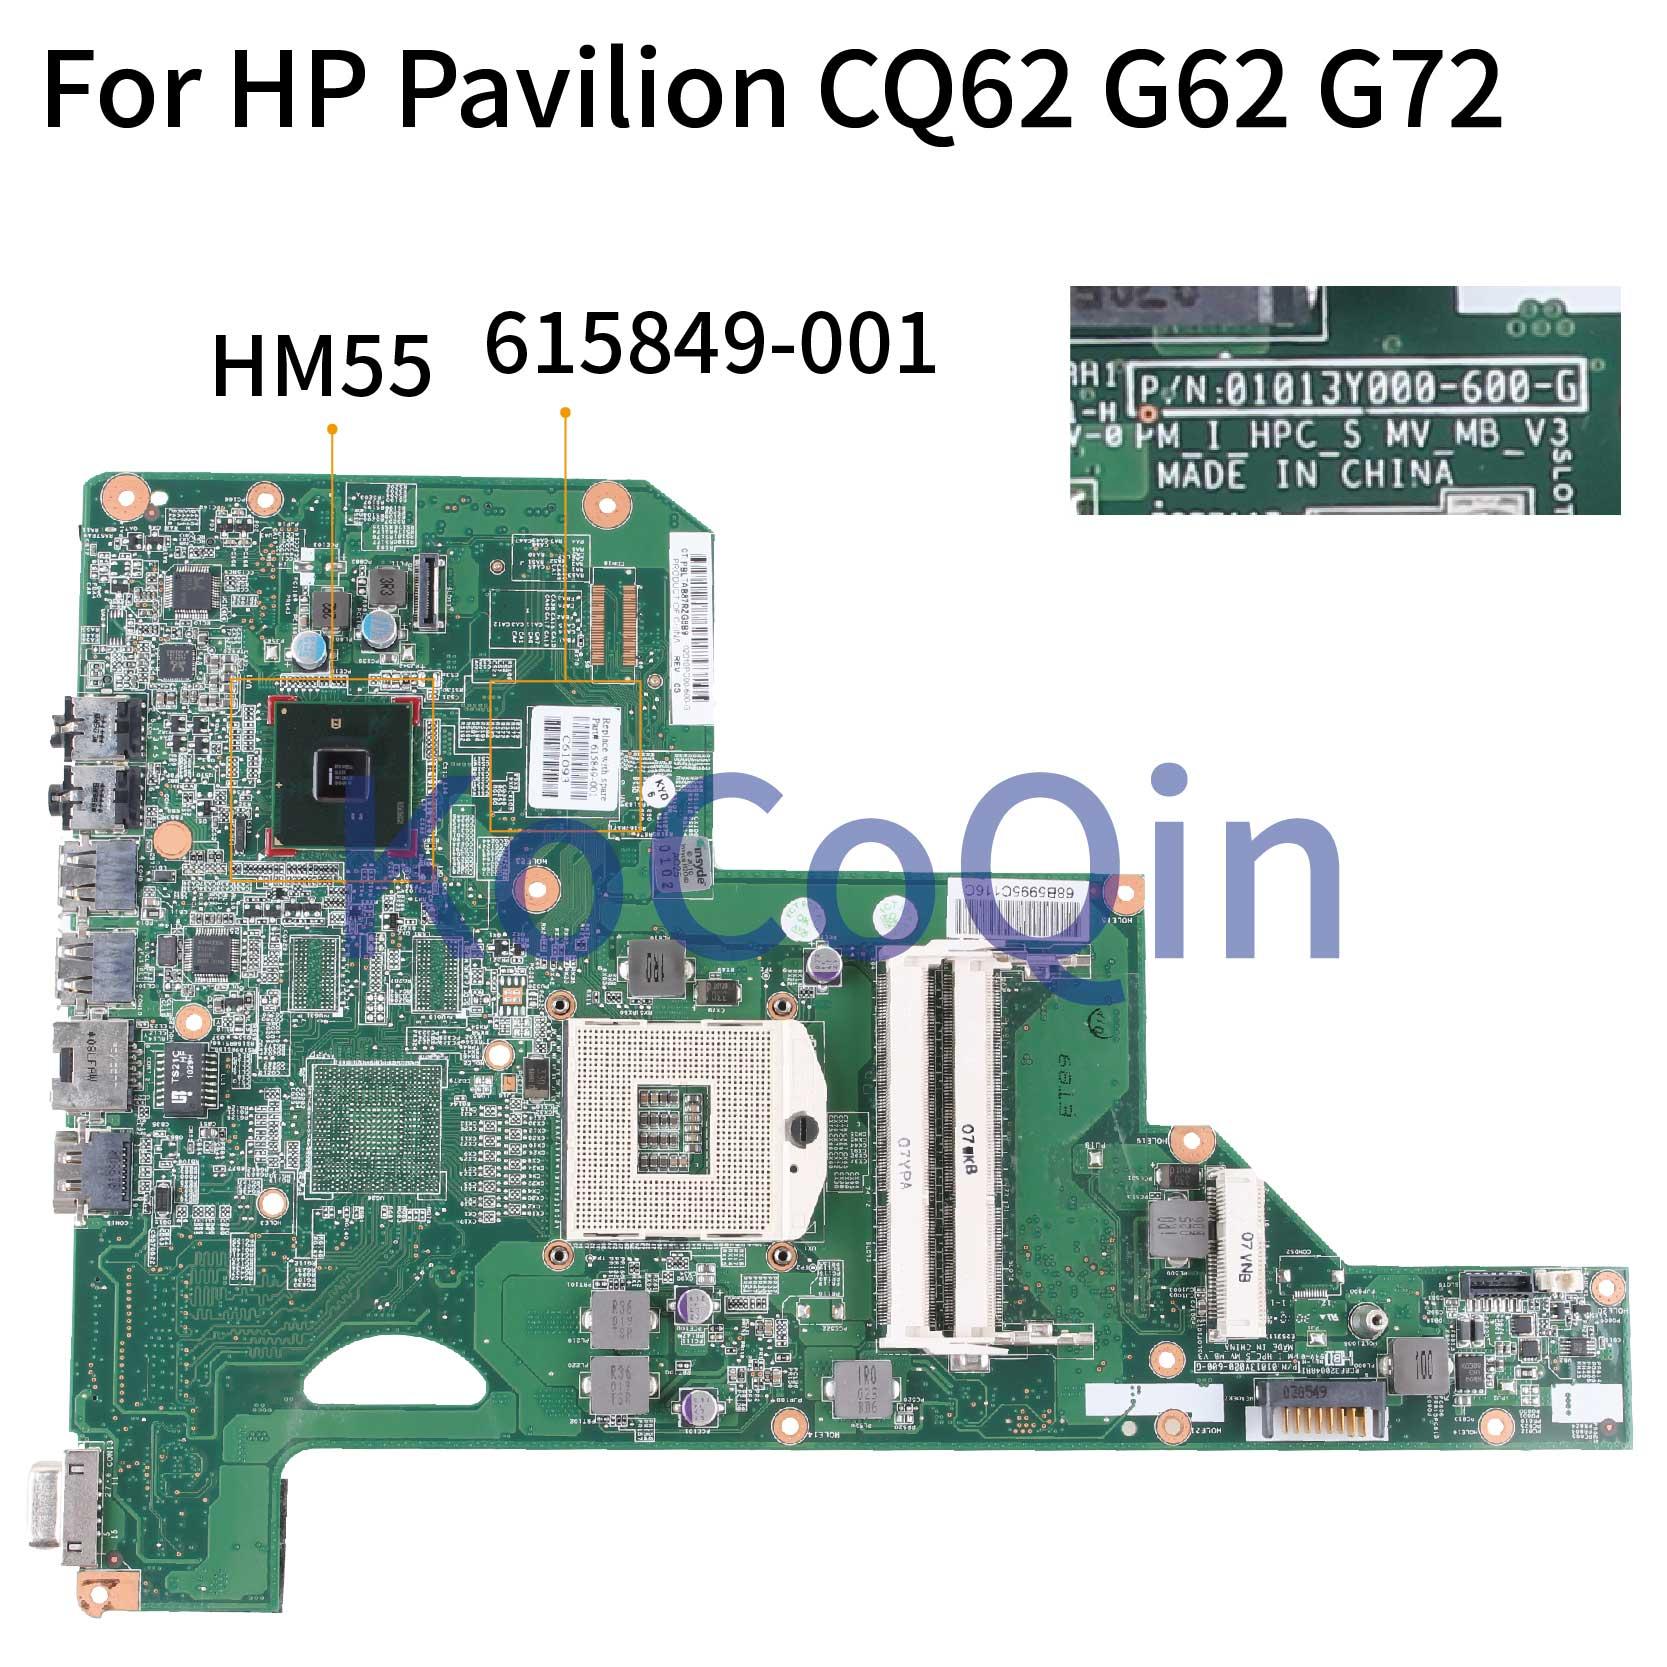 Материнская плата KoCoQin для ноутбука HP Pavilion CQ62 G62 G72 01013Y000-600-G 615849-001 615849-501 HM55